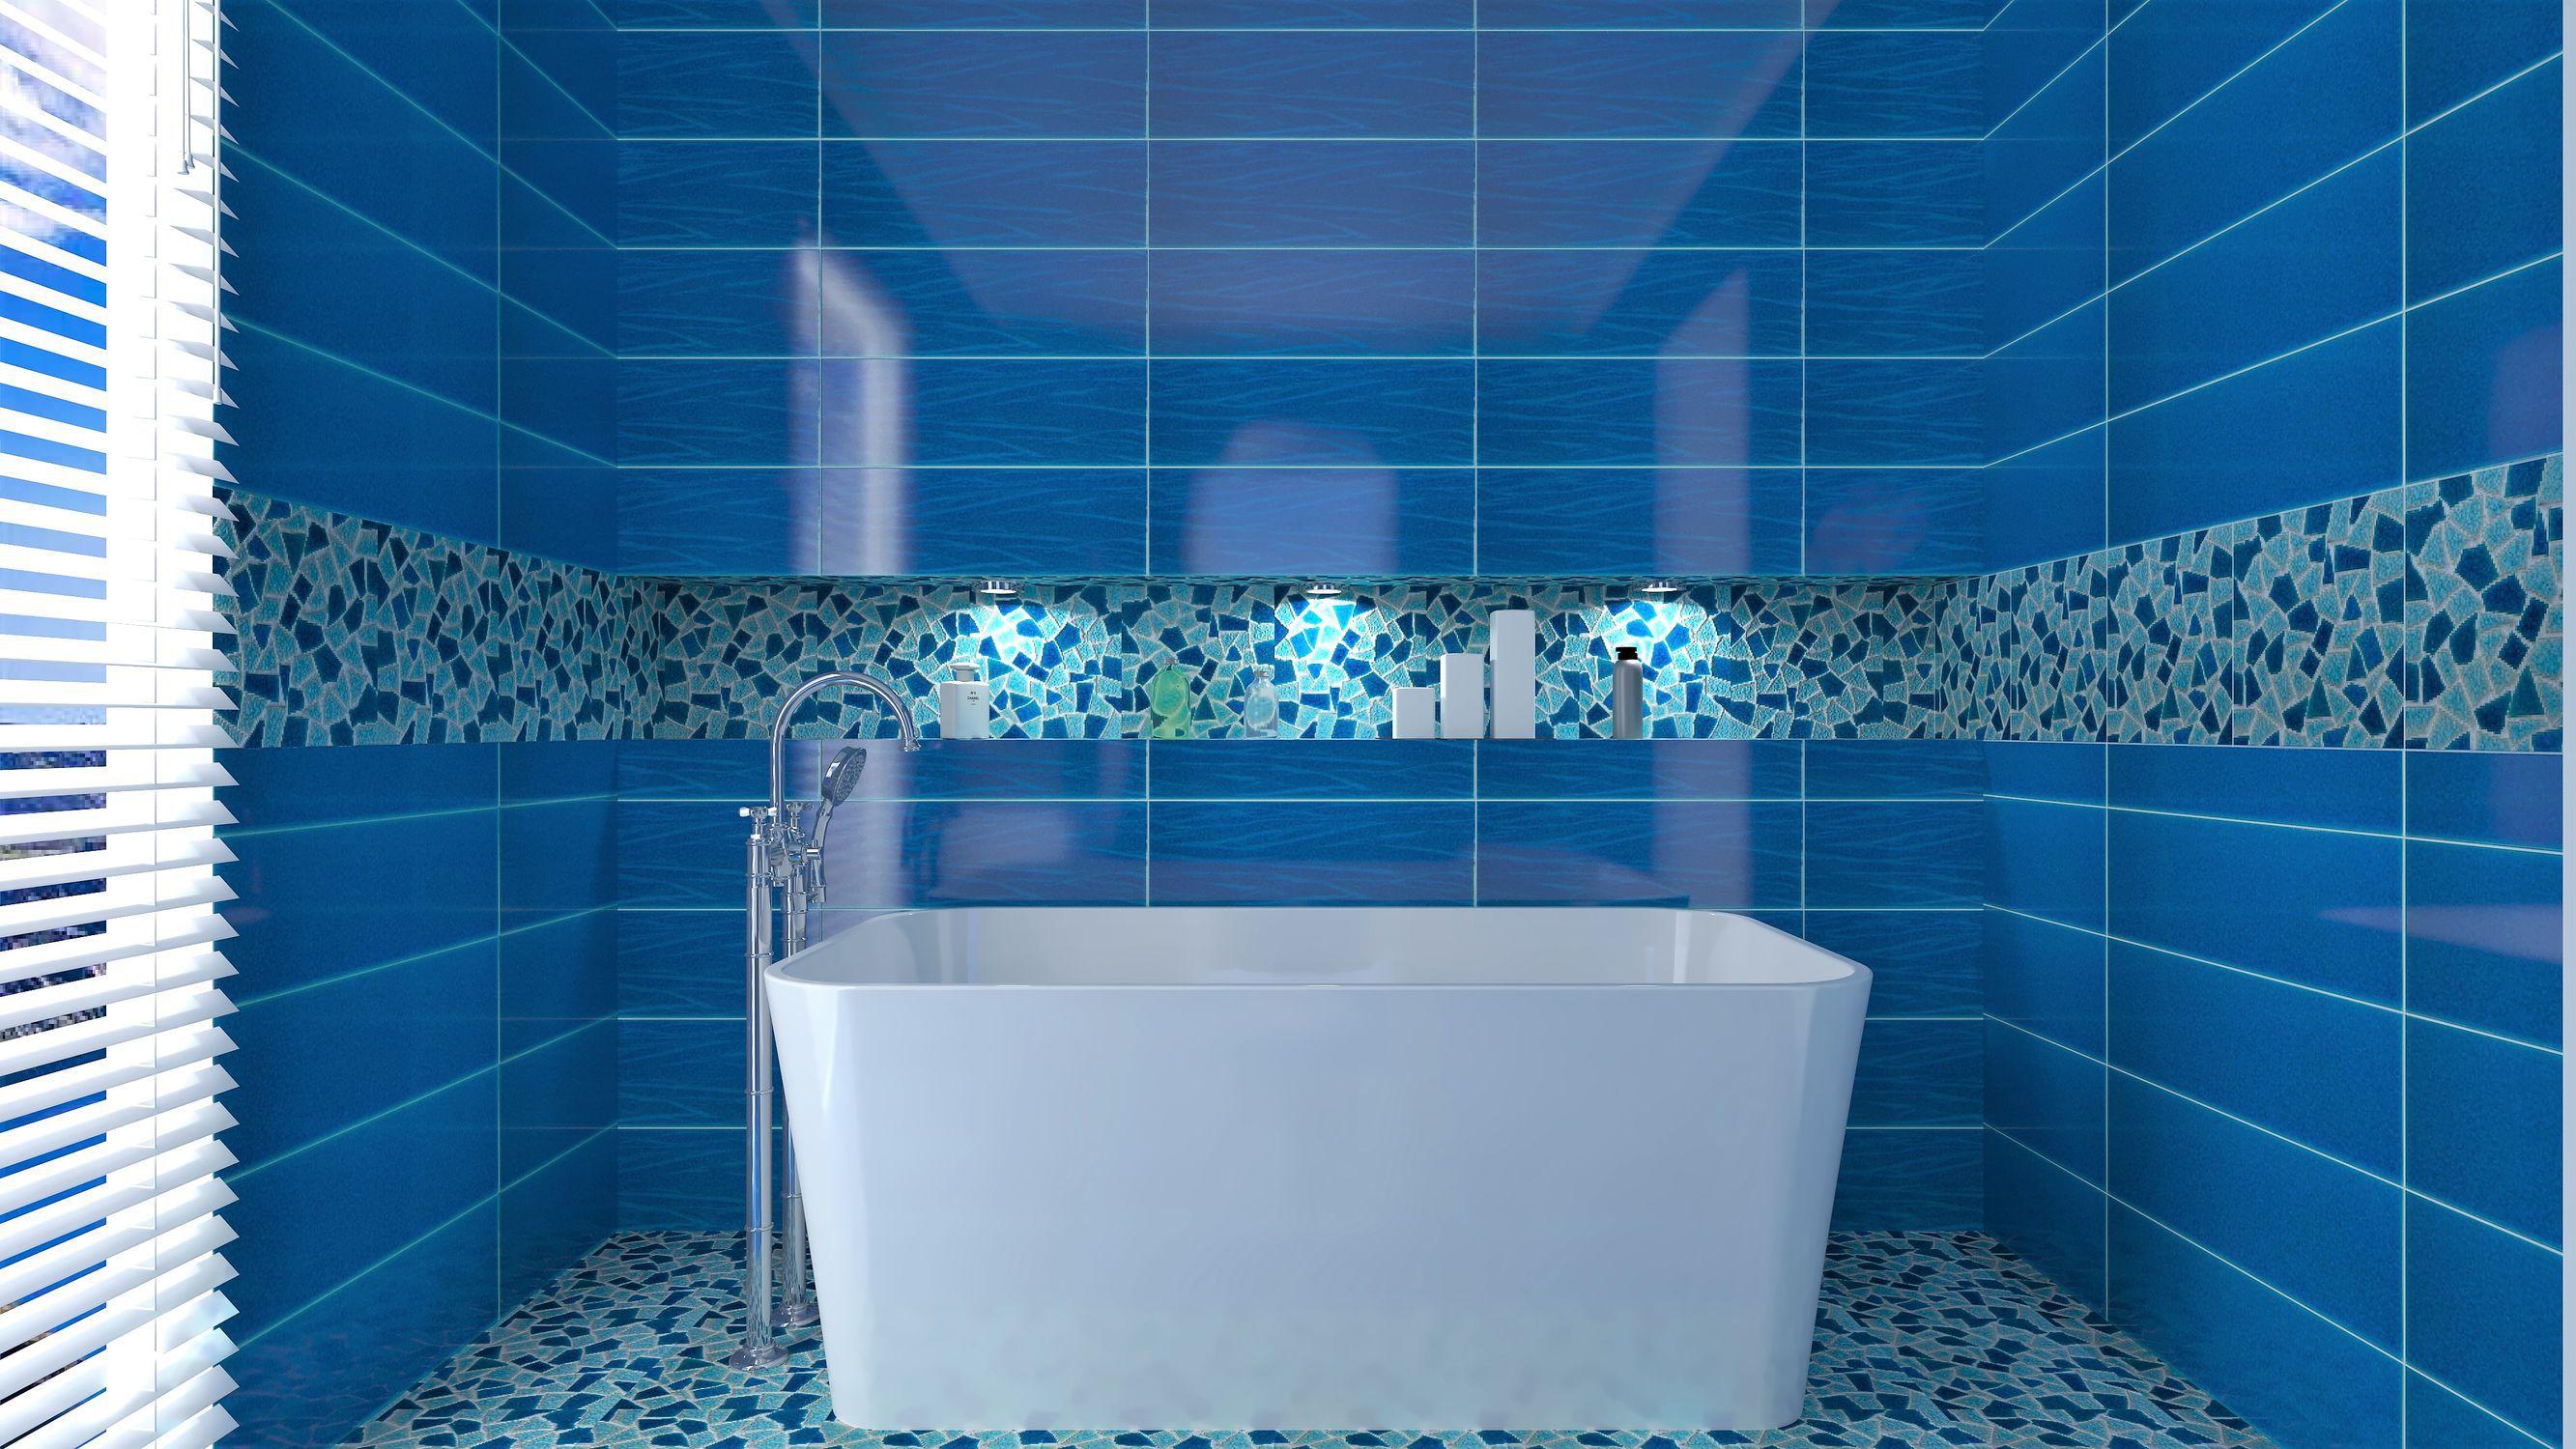 Bathroom tile / wall / for floors / ceramic - CRAKL.È : OCEANI ...